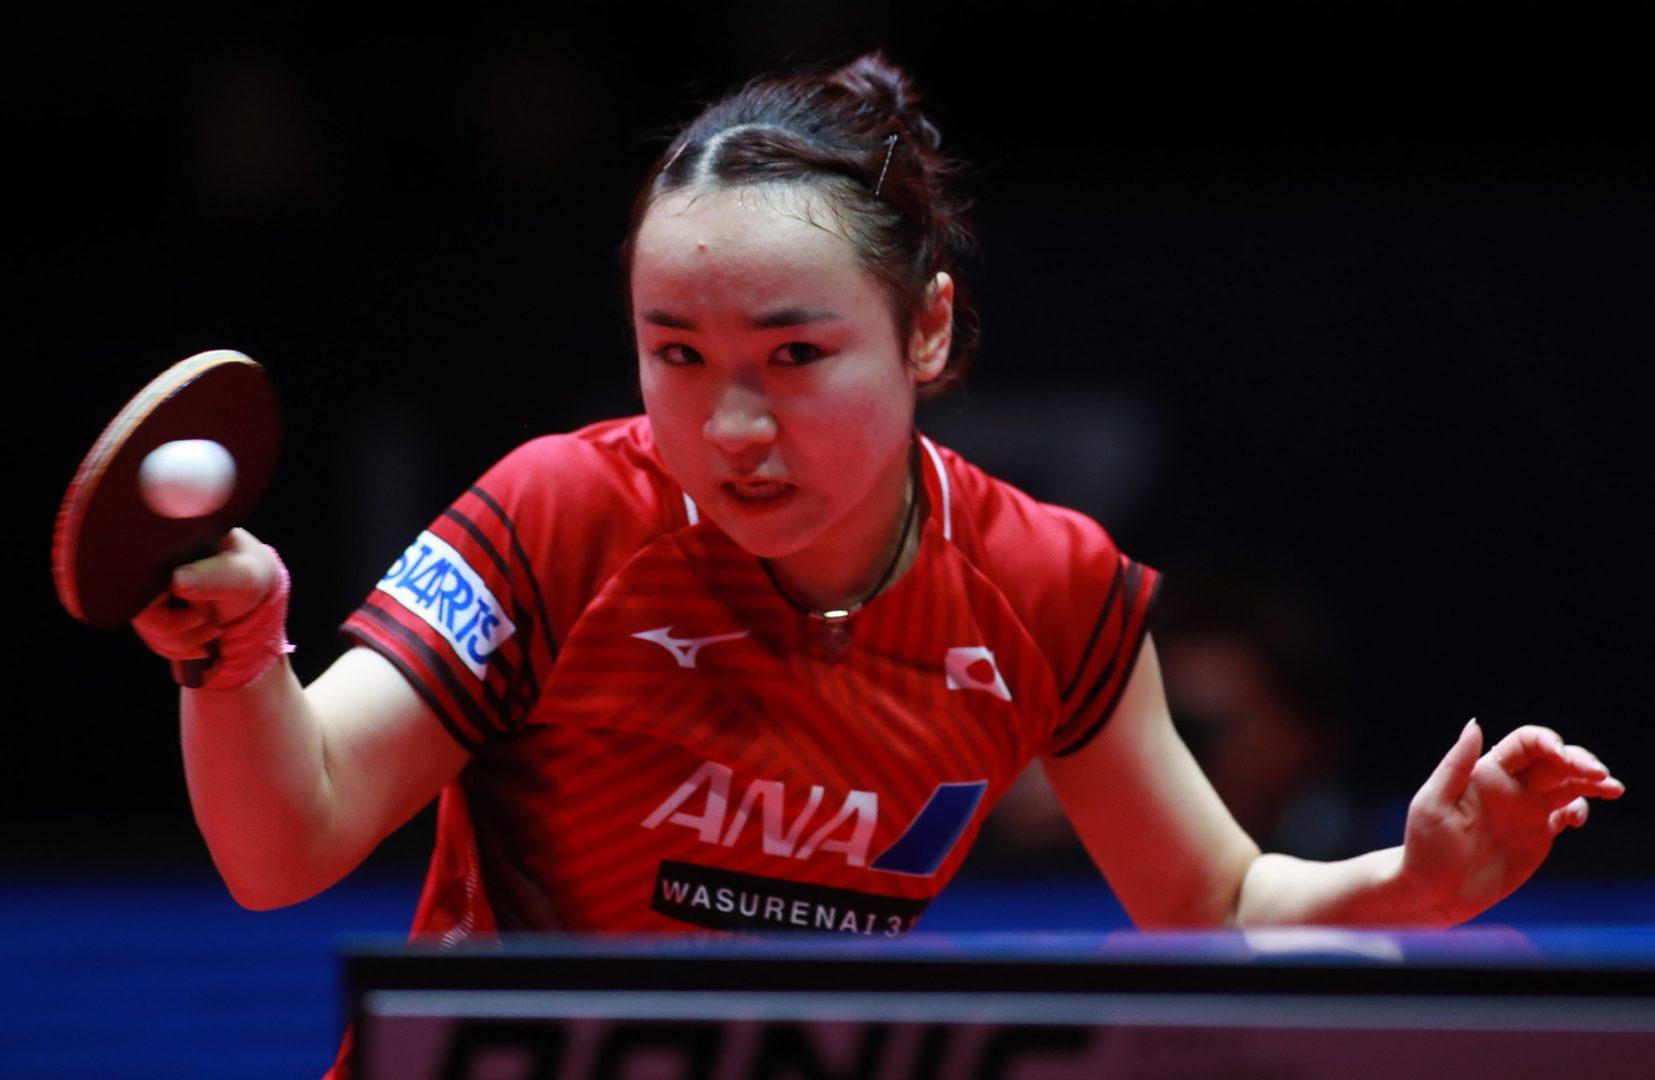 卓球女子世界ランキング(12月発表)|伊藤美誠 自己最高位の4位にジャンプアップ